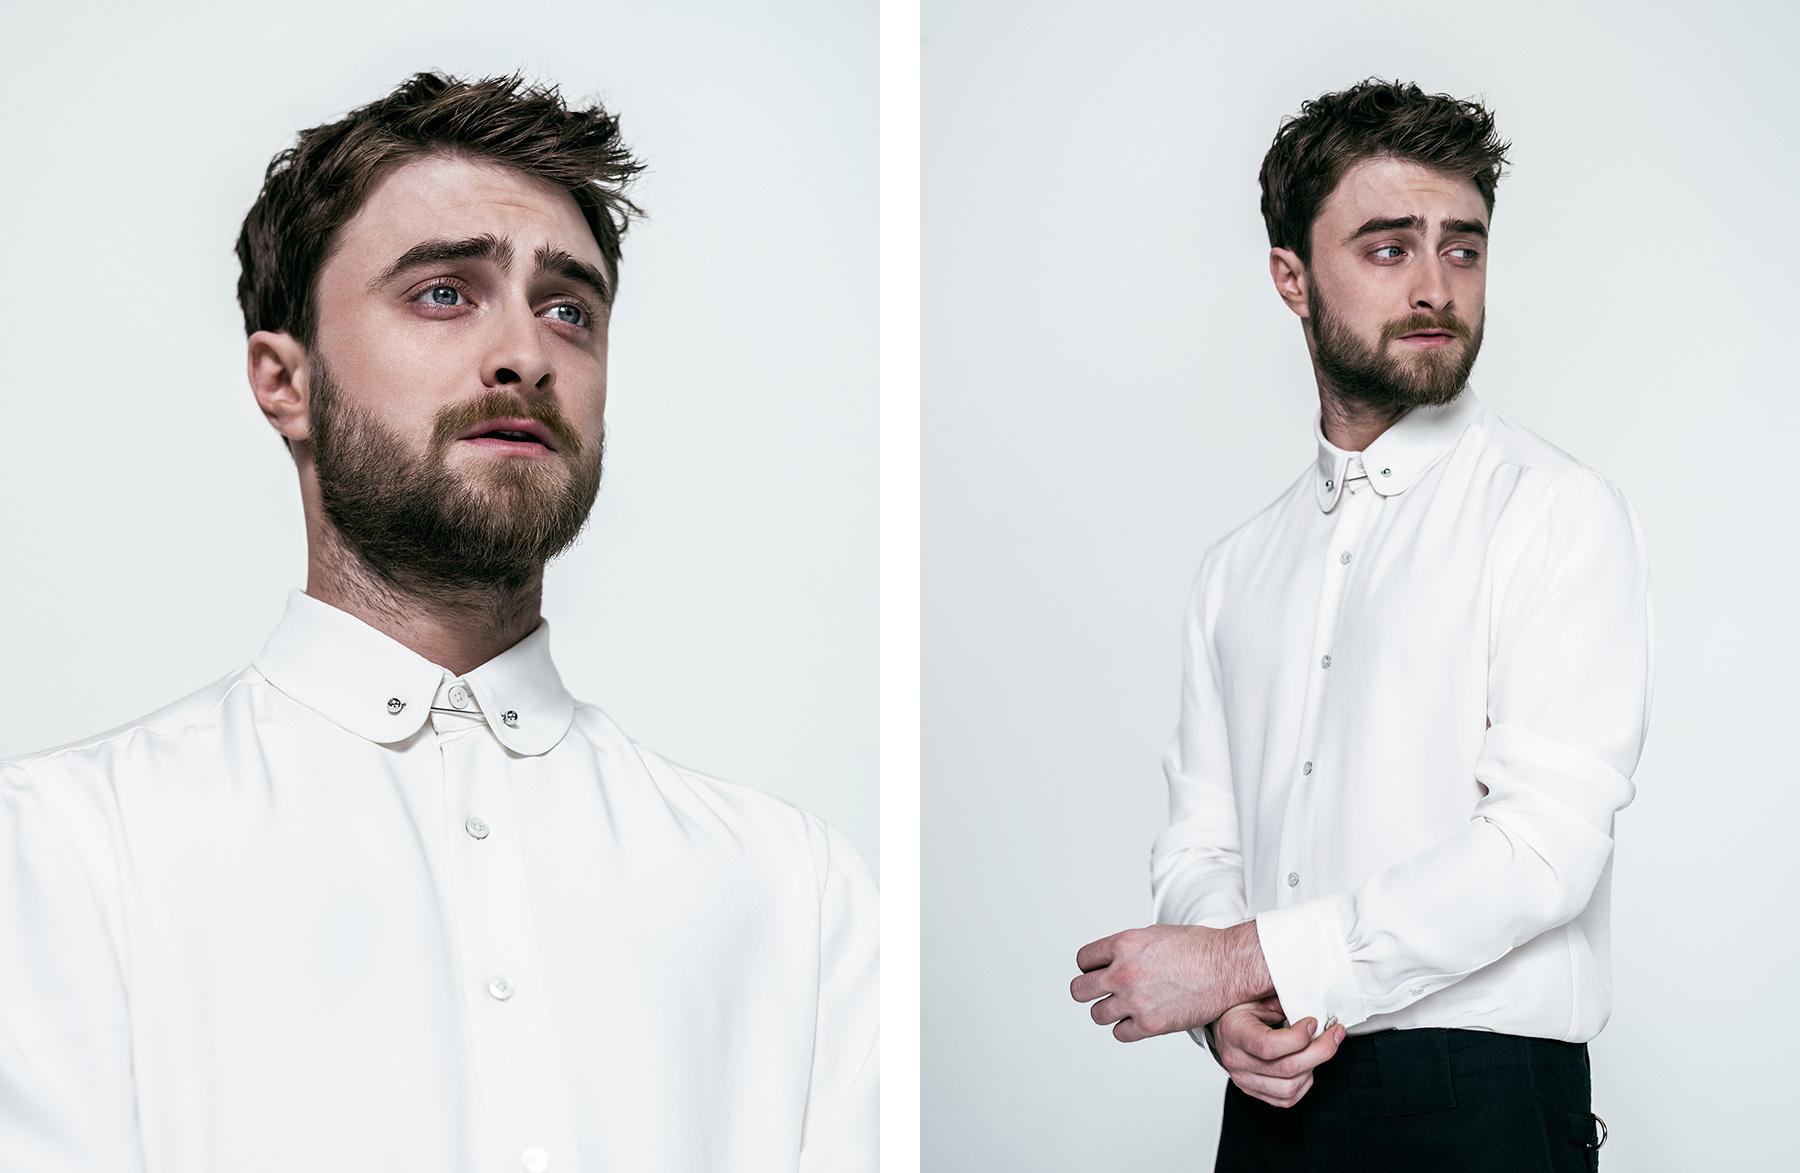 Daniel Radcliffe For Gq Style Brazil Robert Wunsch